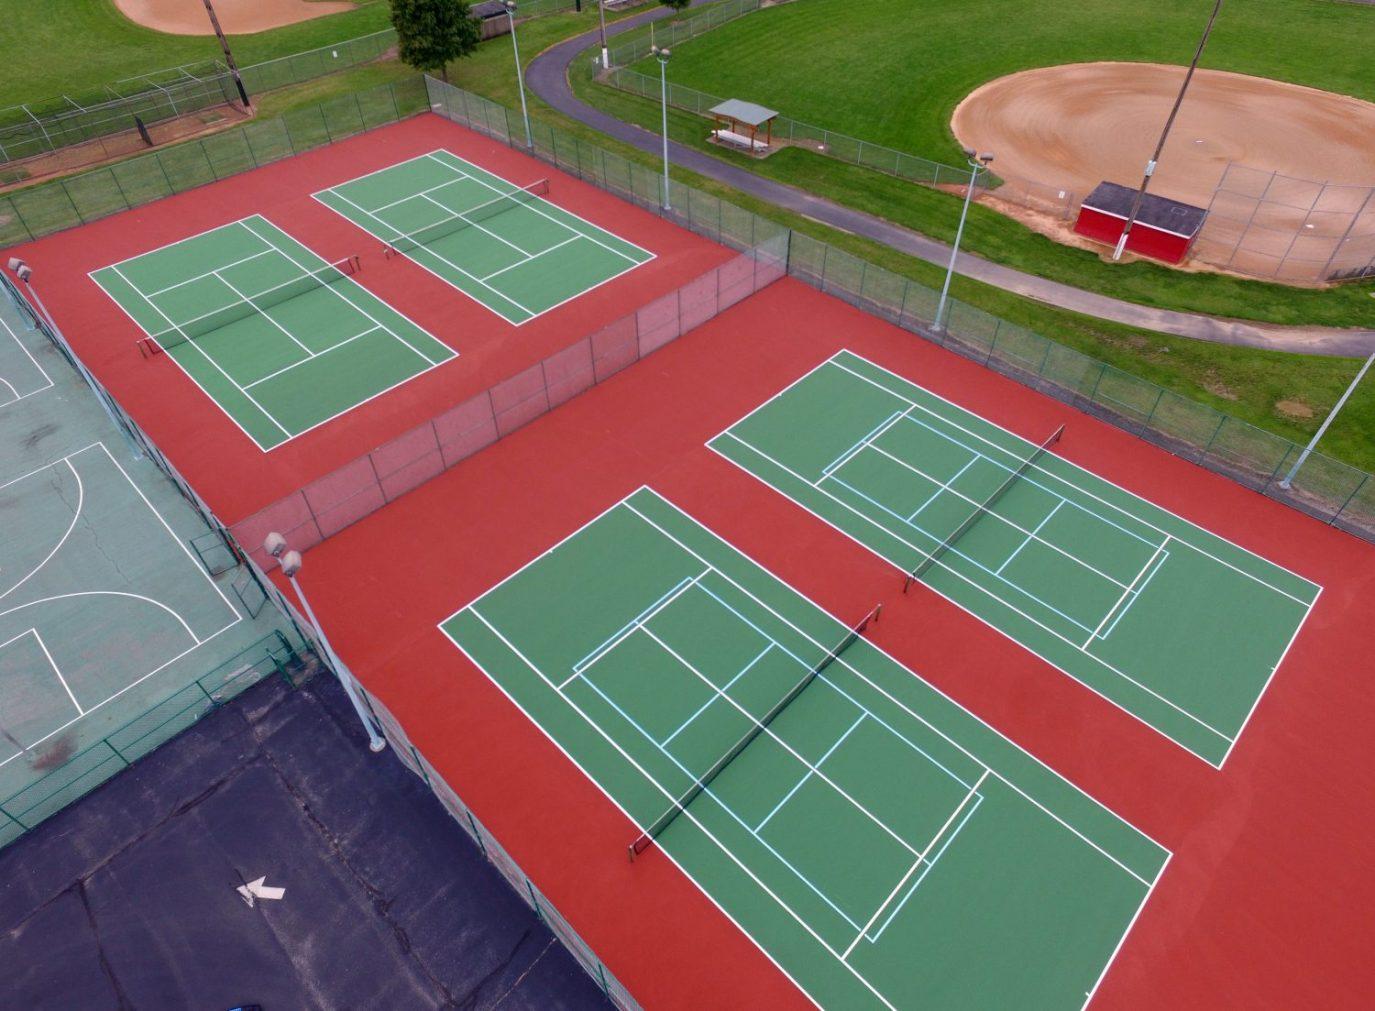 Tennis Court Repair, Resurfacing, & Color Coating